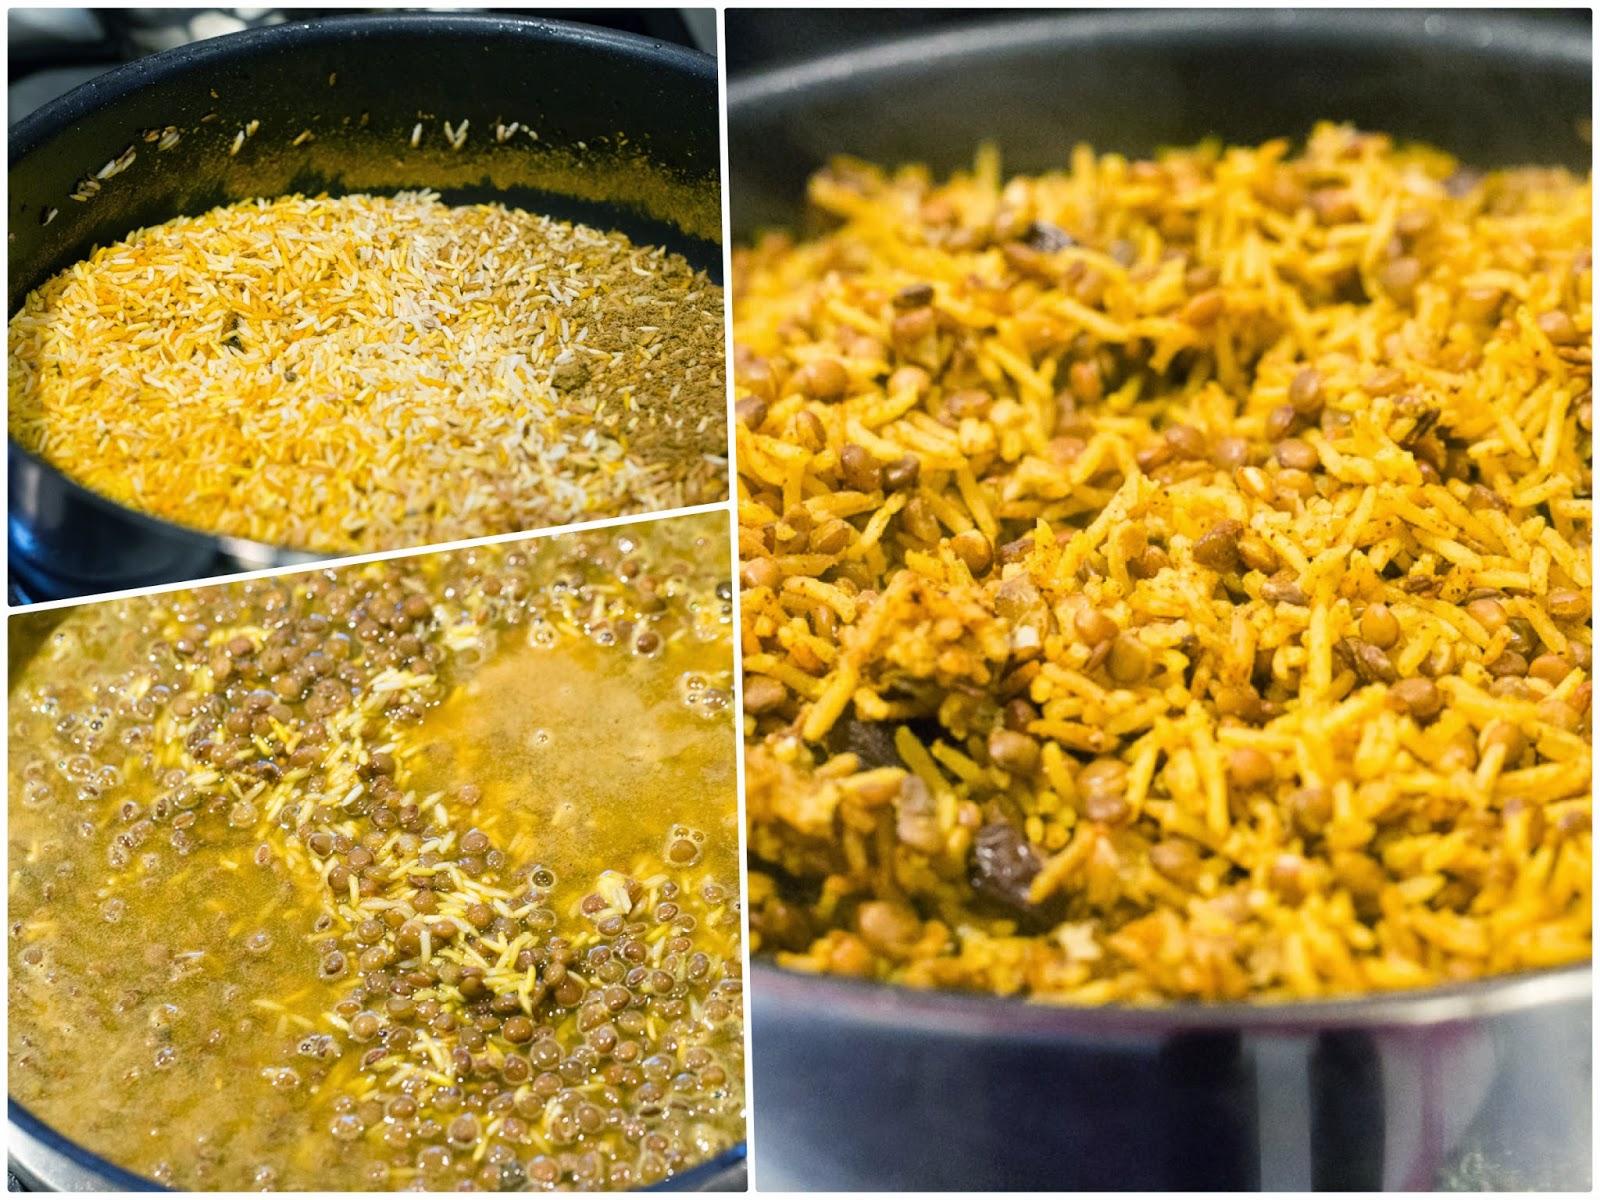 linssienja riisien keittäminen kuohkeaksi